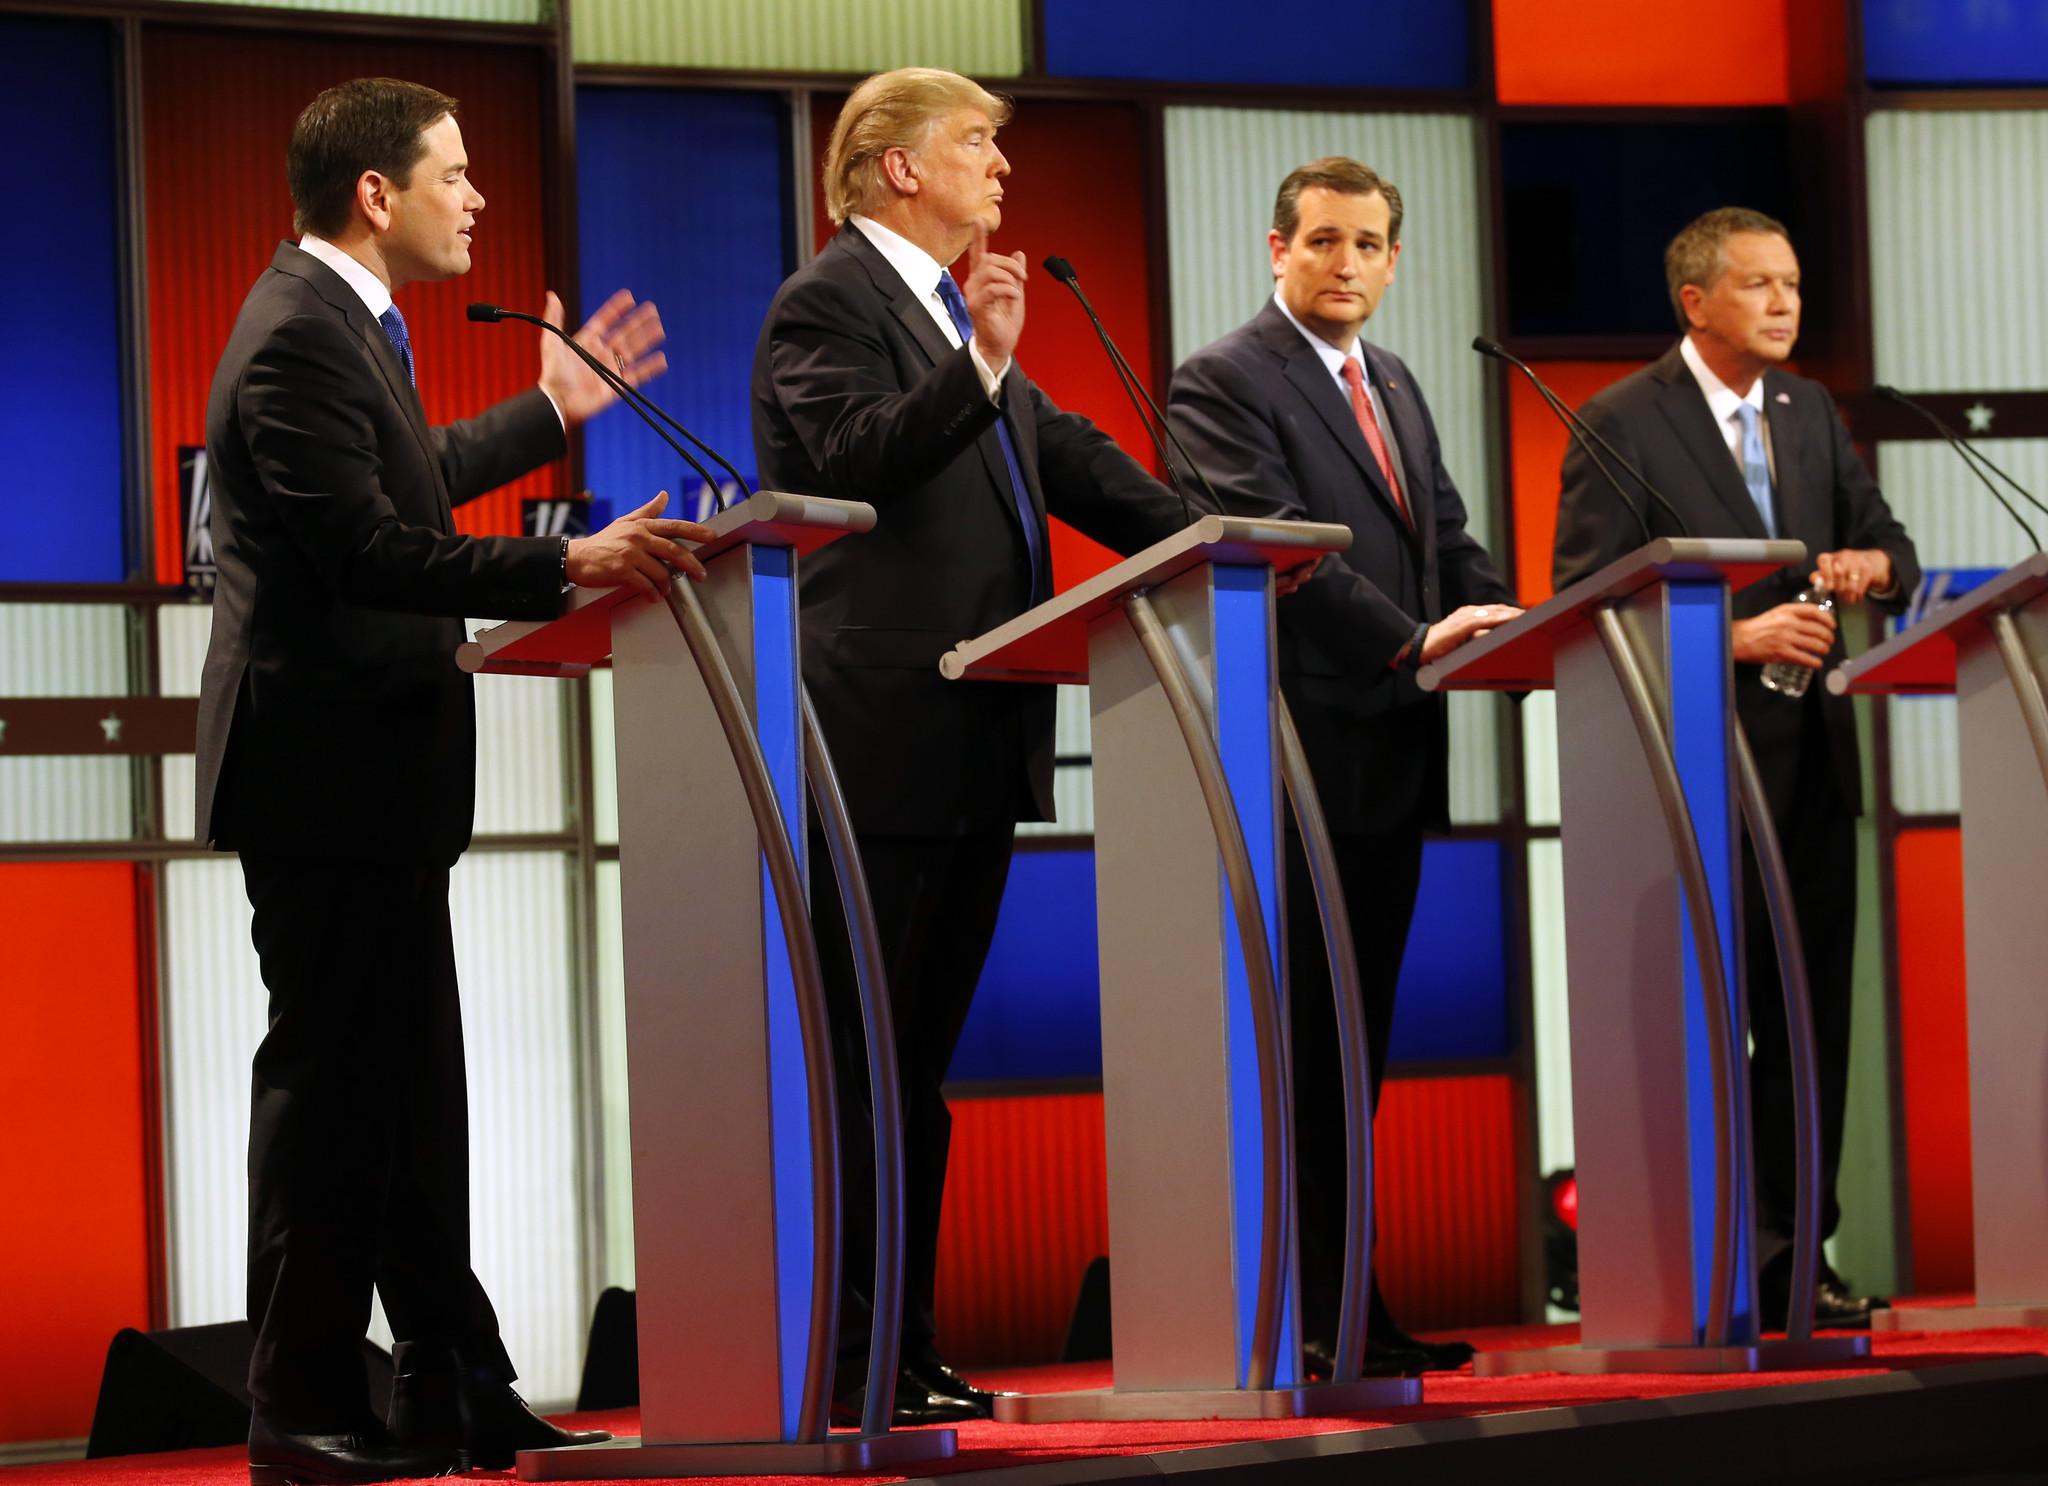 trump leads splintered republican primary field in illinois